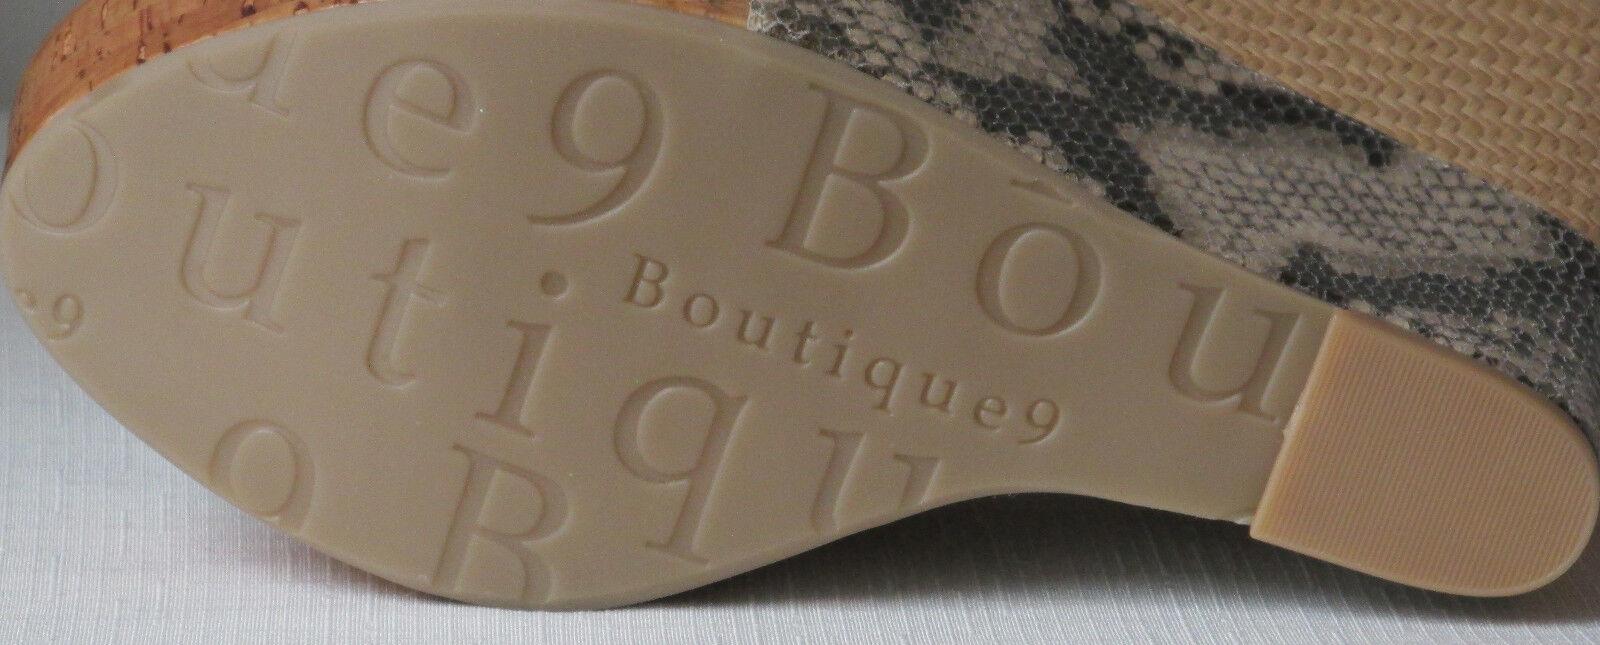 Boutique 9 Faleen Platform Sandal    Snake-Multi-color  Size  10 1634d5